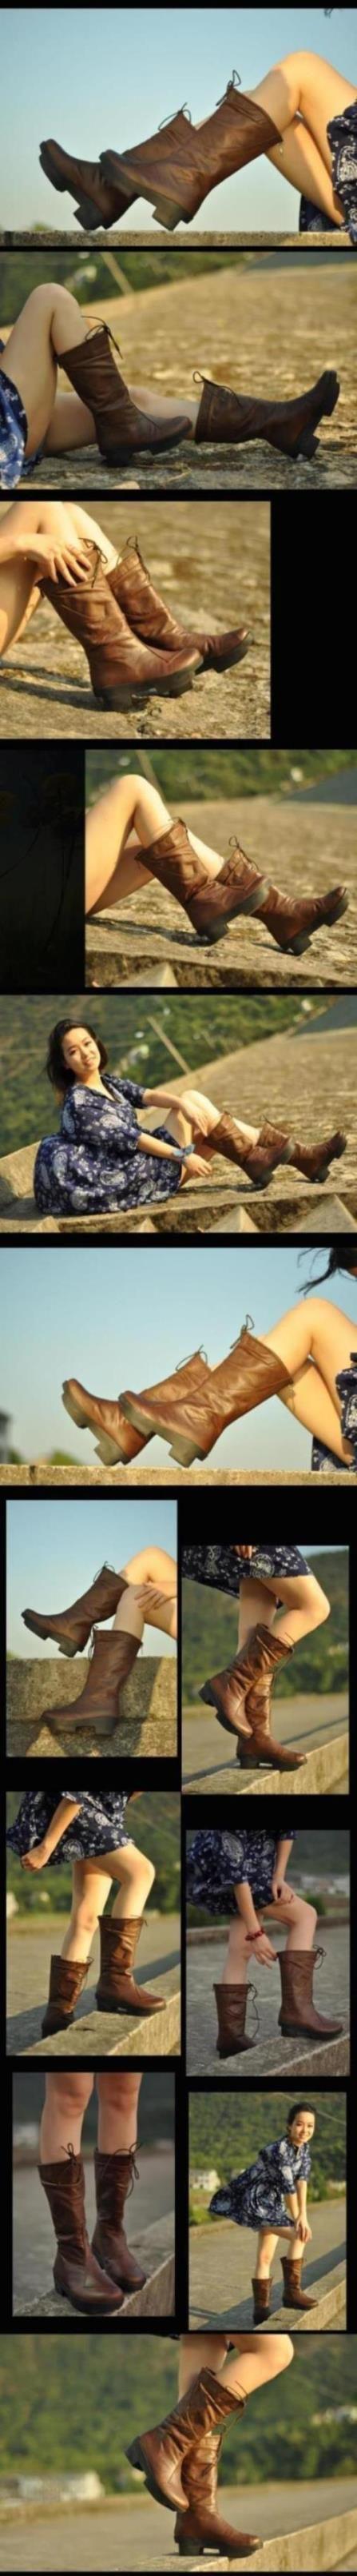 Aliexpress.com: Купить Pernycess ретро туфли на высоком каблуке сапоги густой водонепроницаемой ботинки красивая кожа женские сапоги рыцарь из Надежный сапоги бахромой голенищем поставщиков на Yangzhou Pernycess Garment Industry Co., Ltd